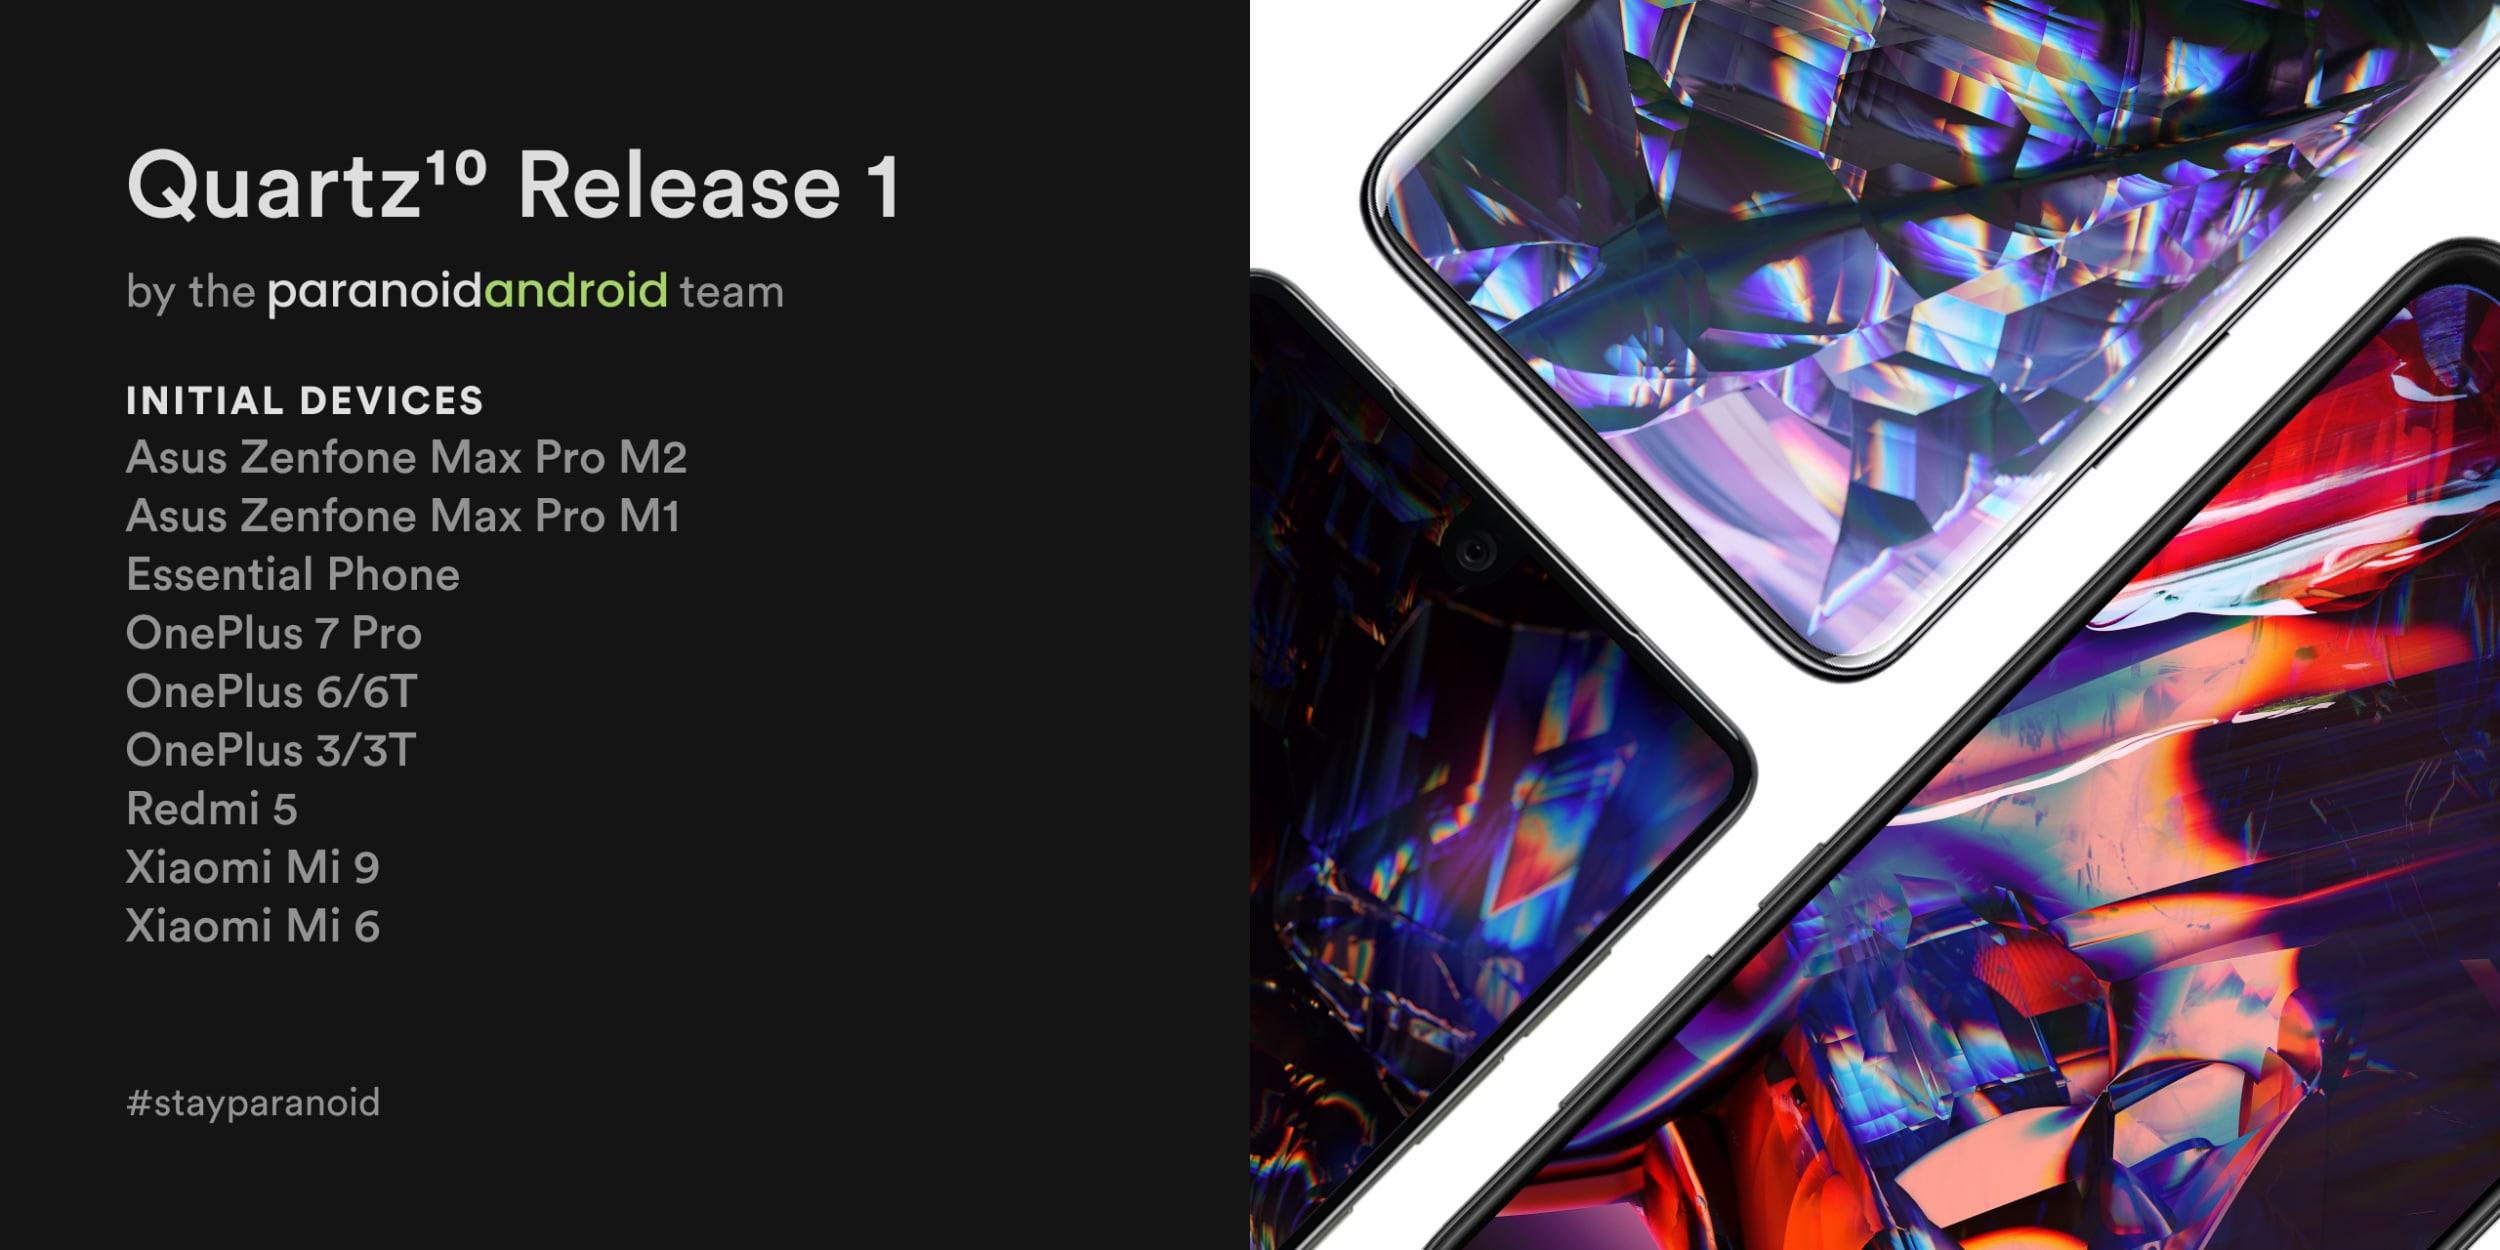 Paranoid Android alla riscossa! Arriva la prima stabile di Android 10: ecco le funzionalità e dispositivi supportati (aggiornato: arriva Quartz 2)